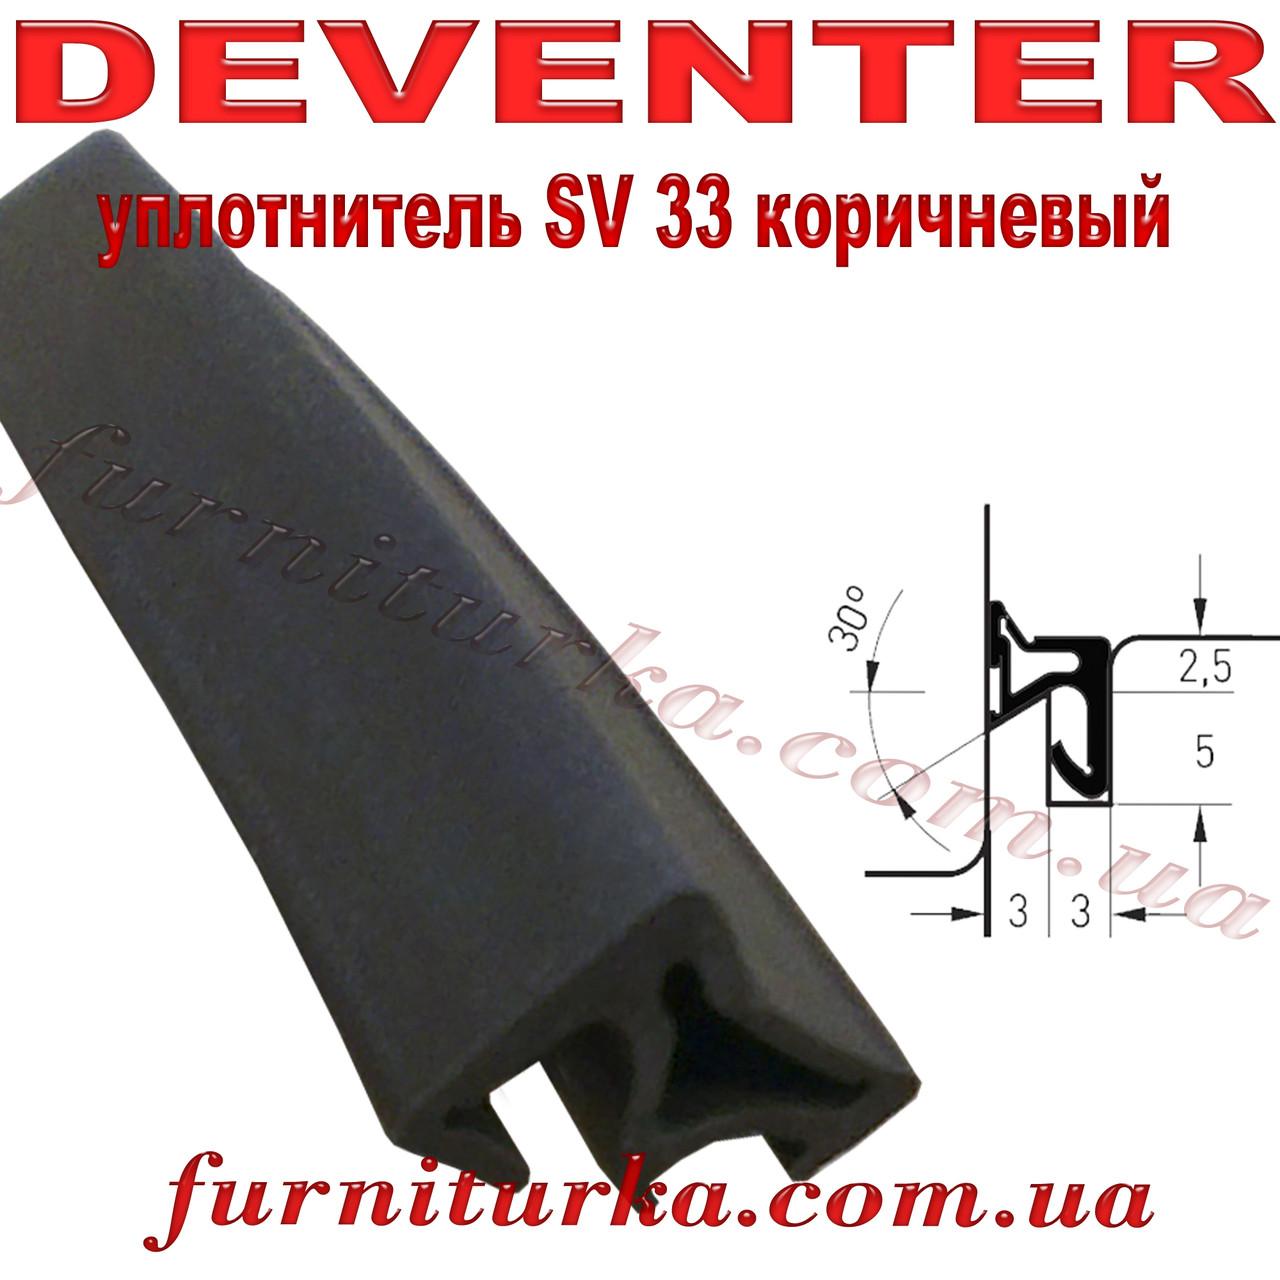 Уплотнитель оконный Deventer SV 33 коричневый